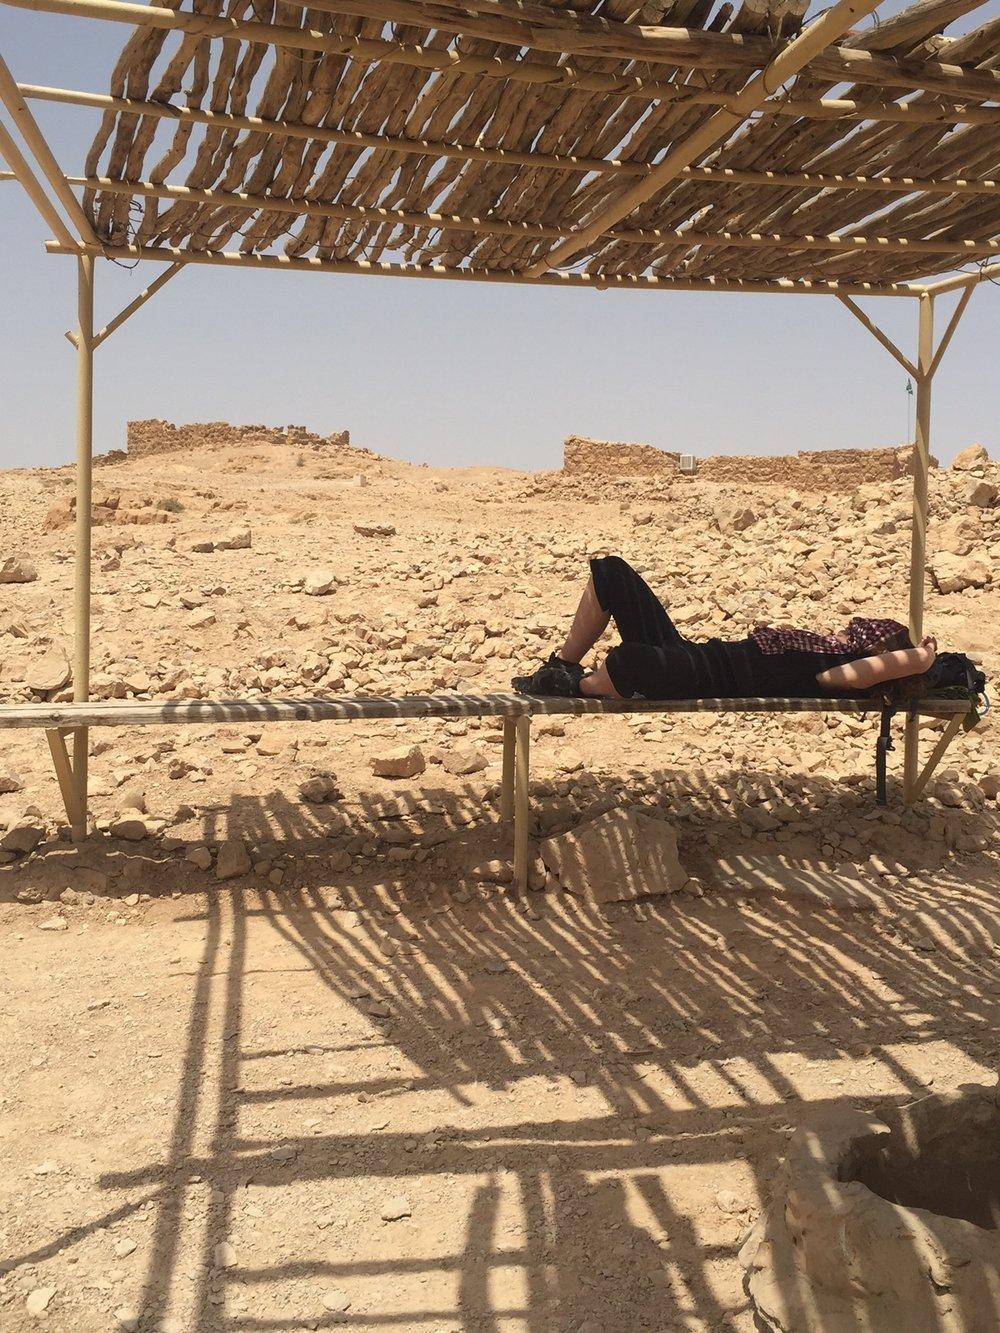 Jill taking a break at Masada, Israel